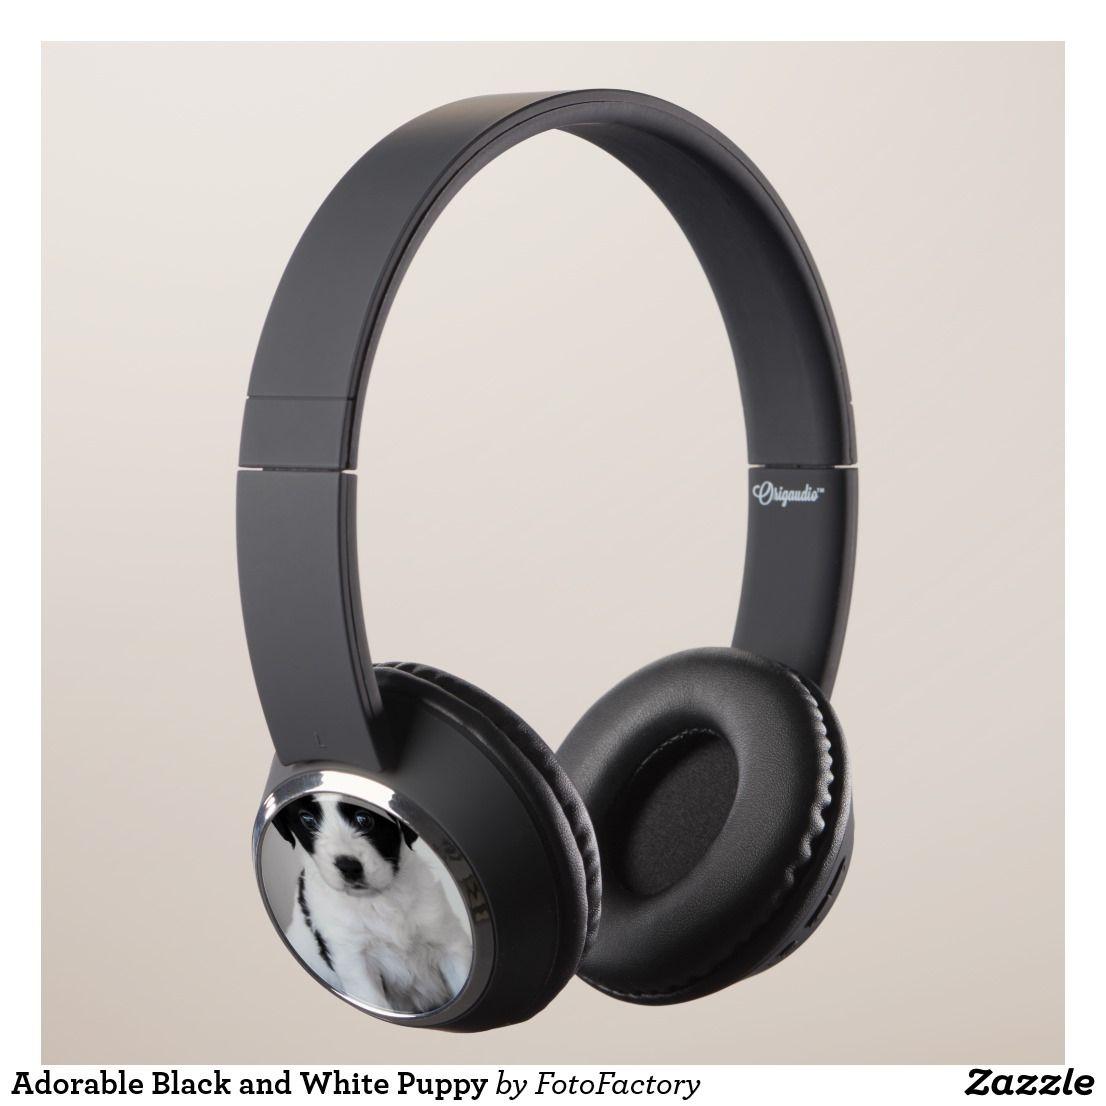 Adorable black and white puppy headphones headphones